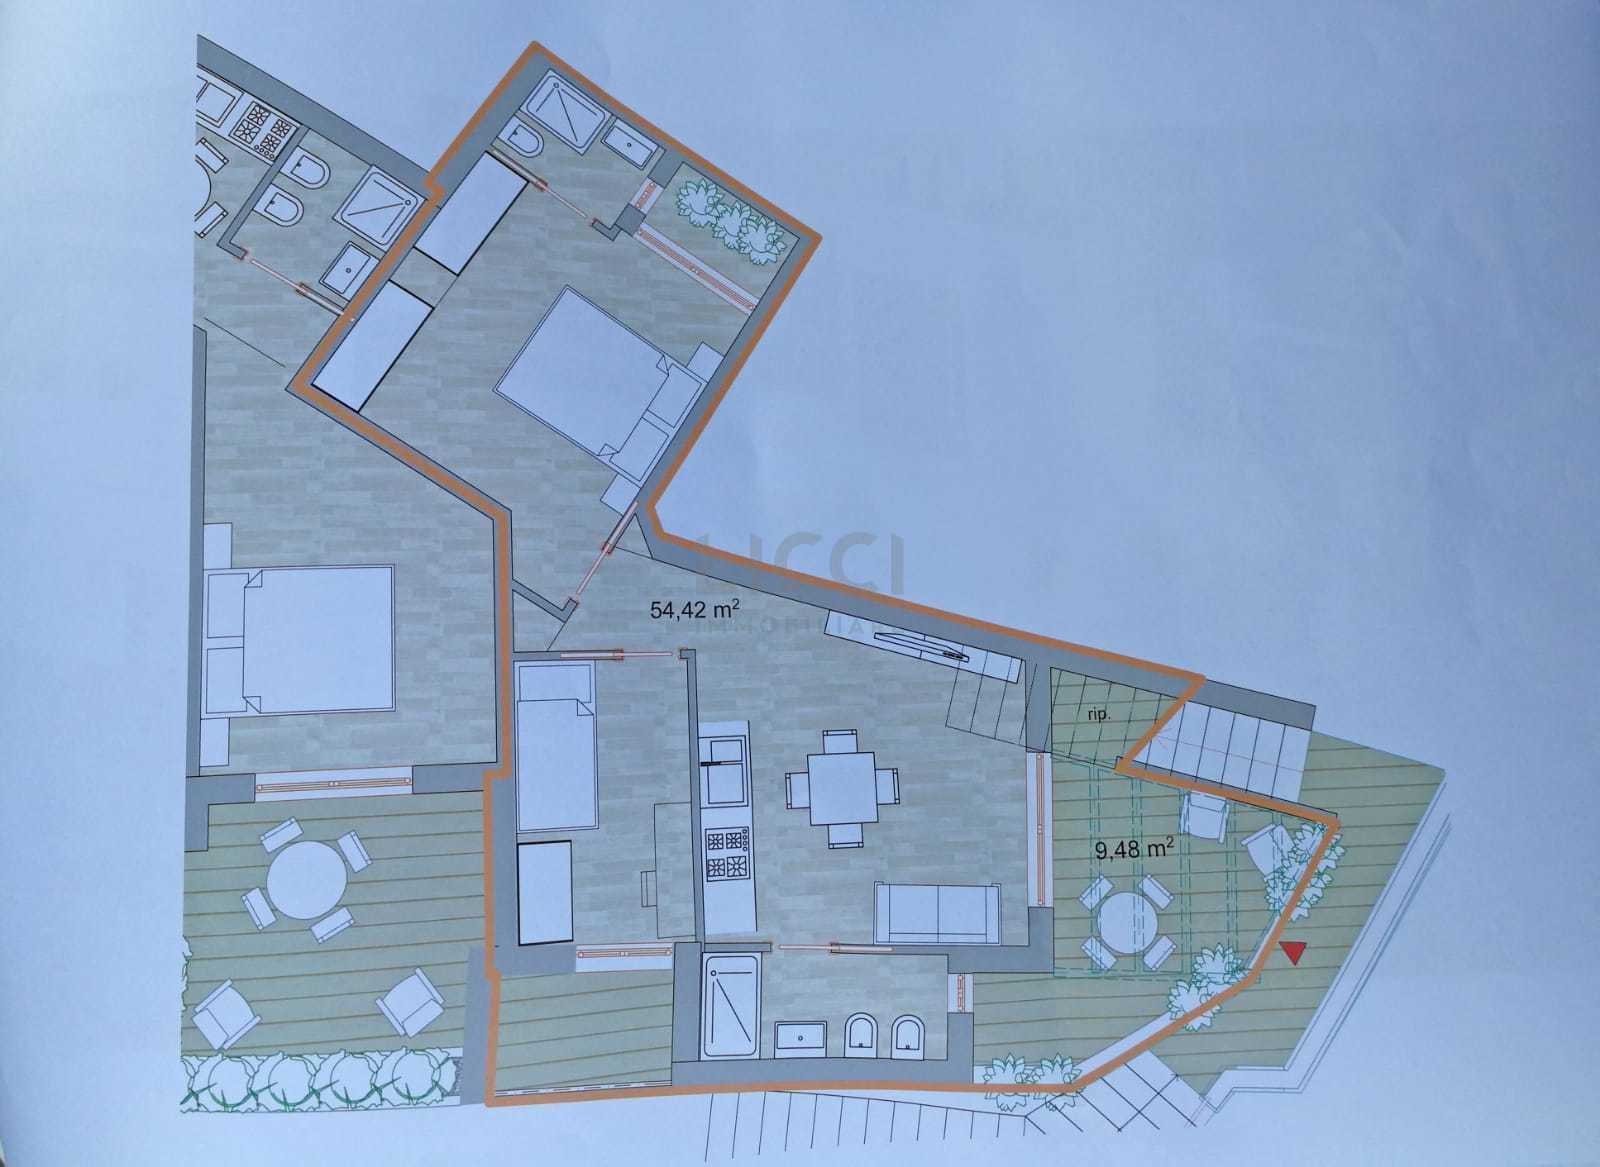 Appartamento a Polignano a Mare Via Don Lorenzo Milani NC, Vicinanze Mare